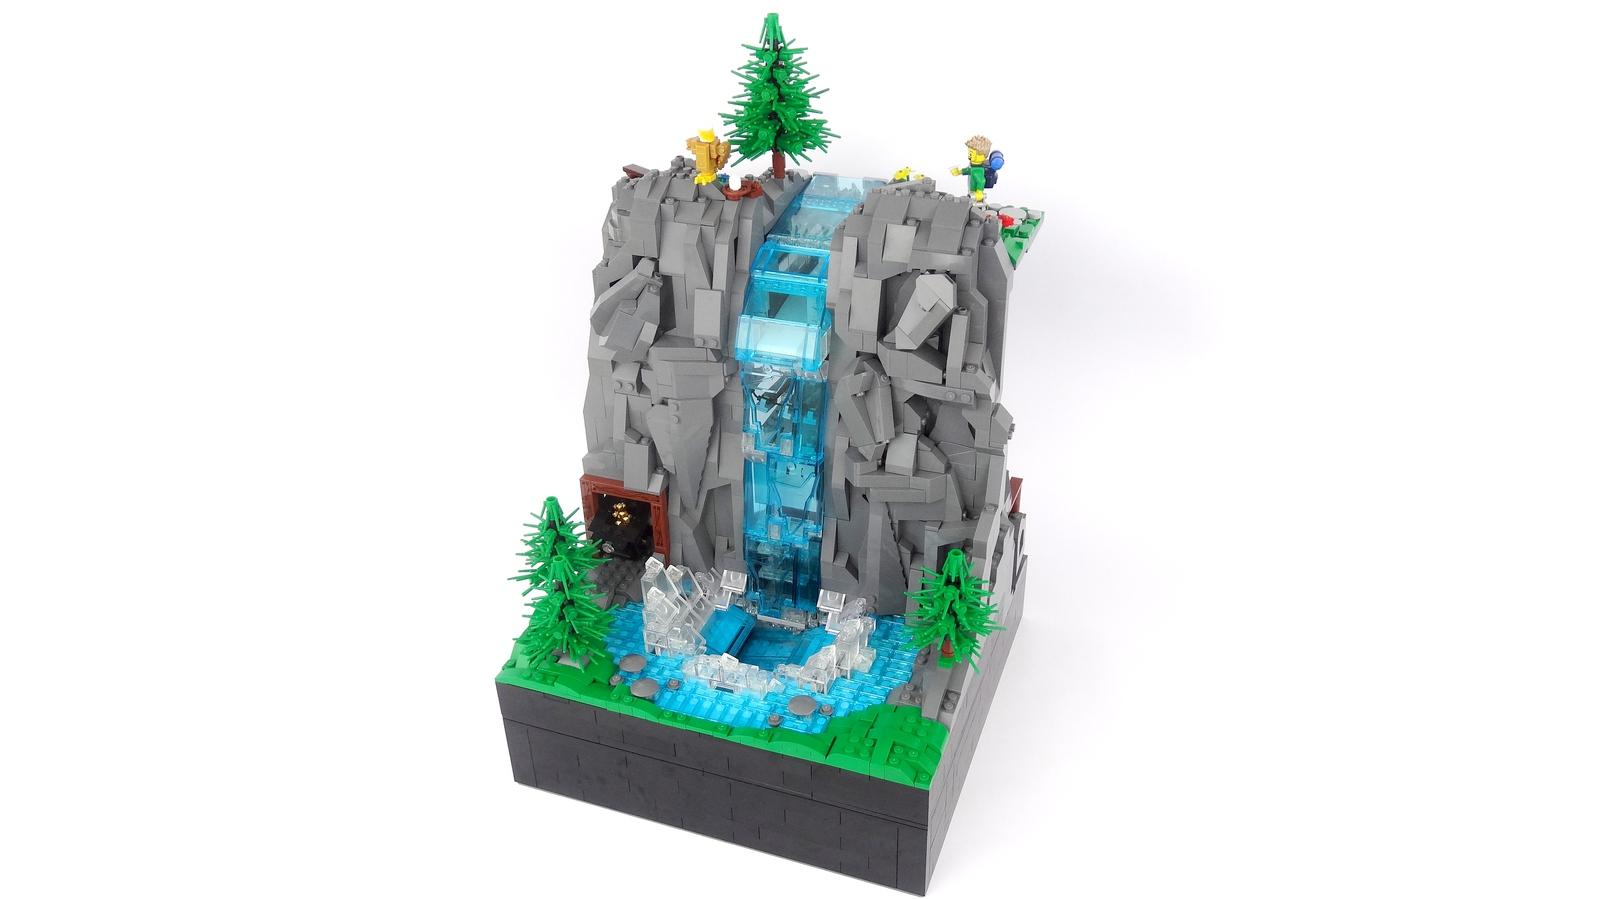 LEGO Ideas: Erste Review-Phase 2020 mit 26 Einreichungen (Robert Steinmetz) - 40